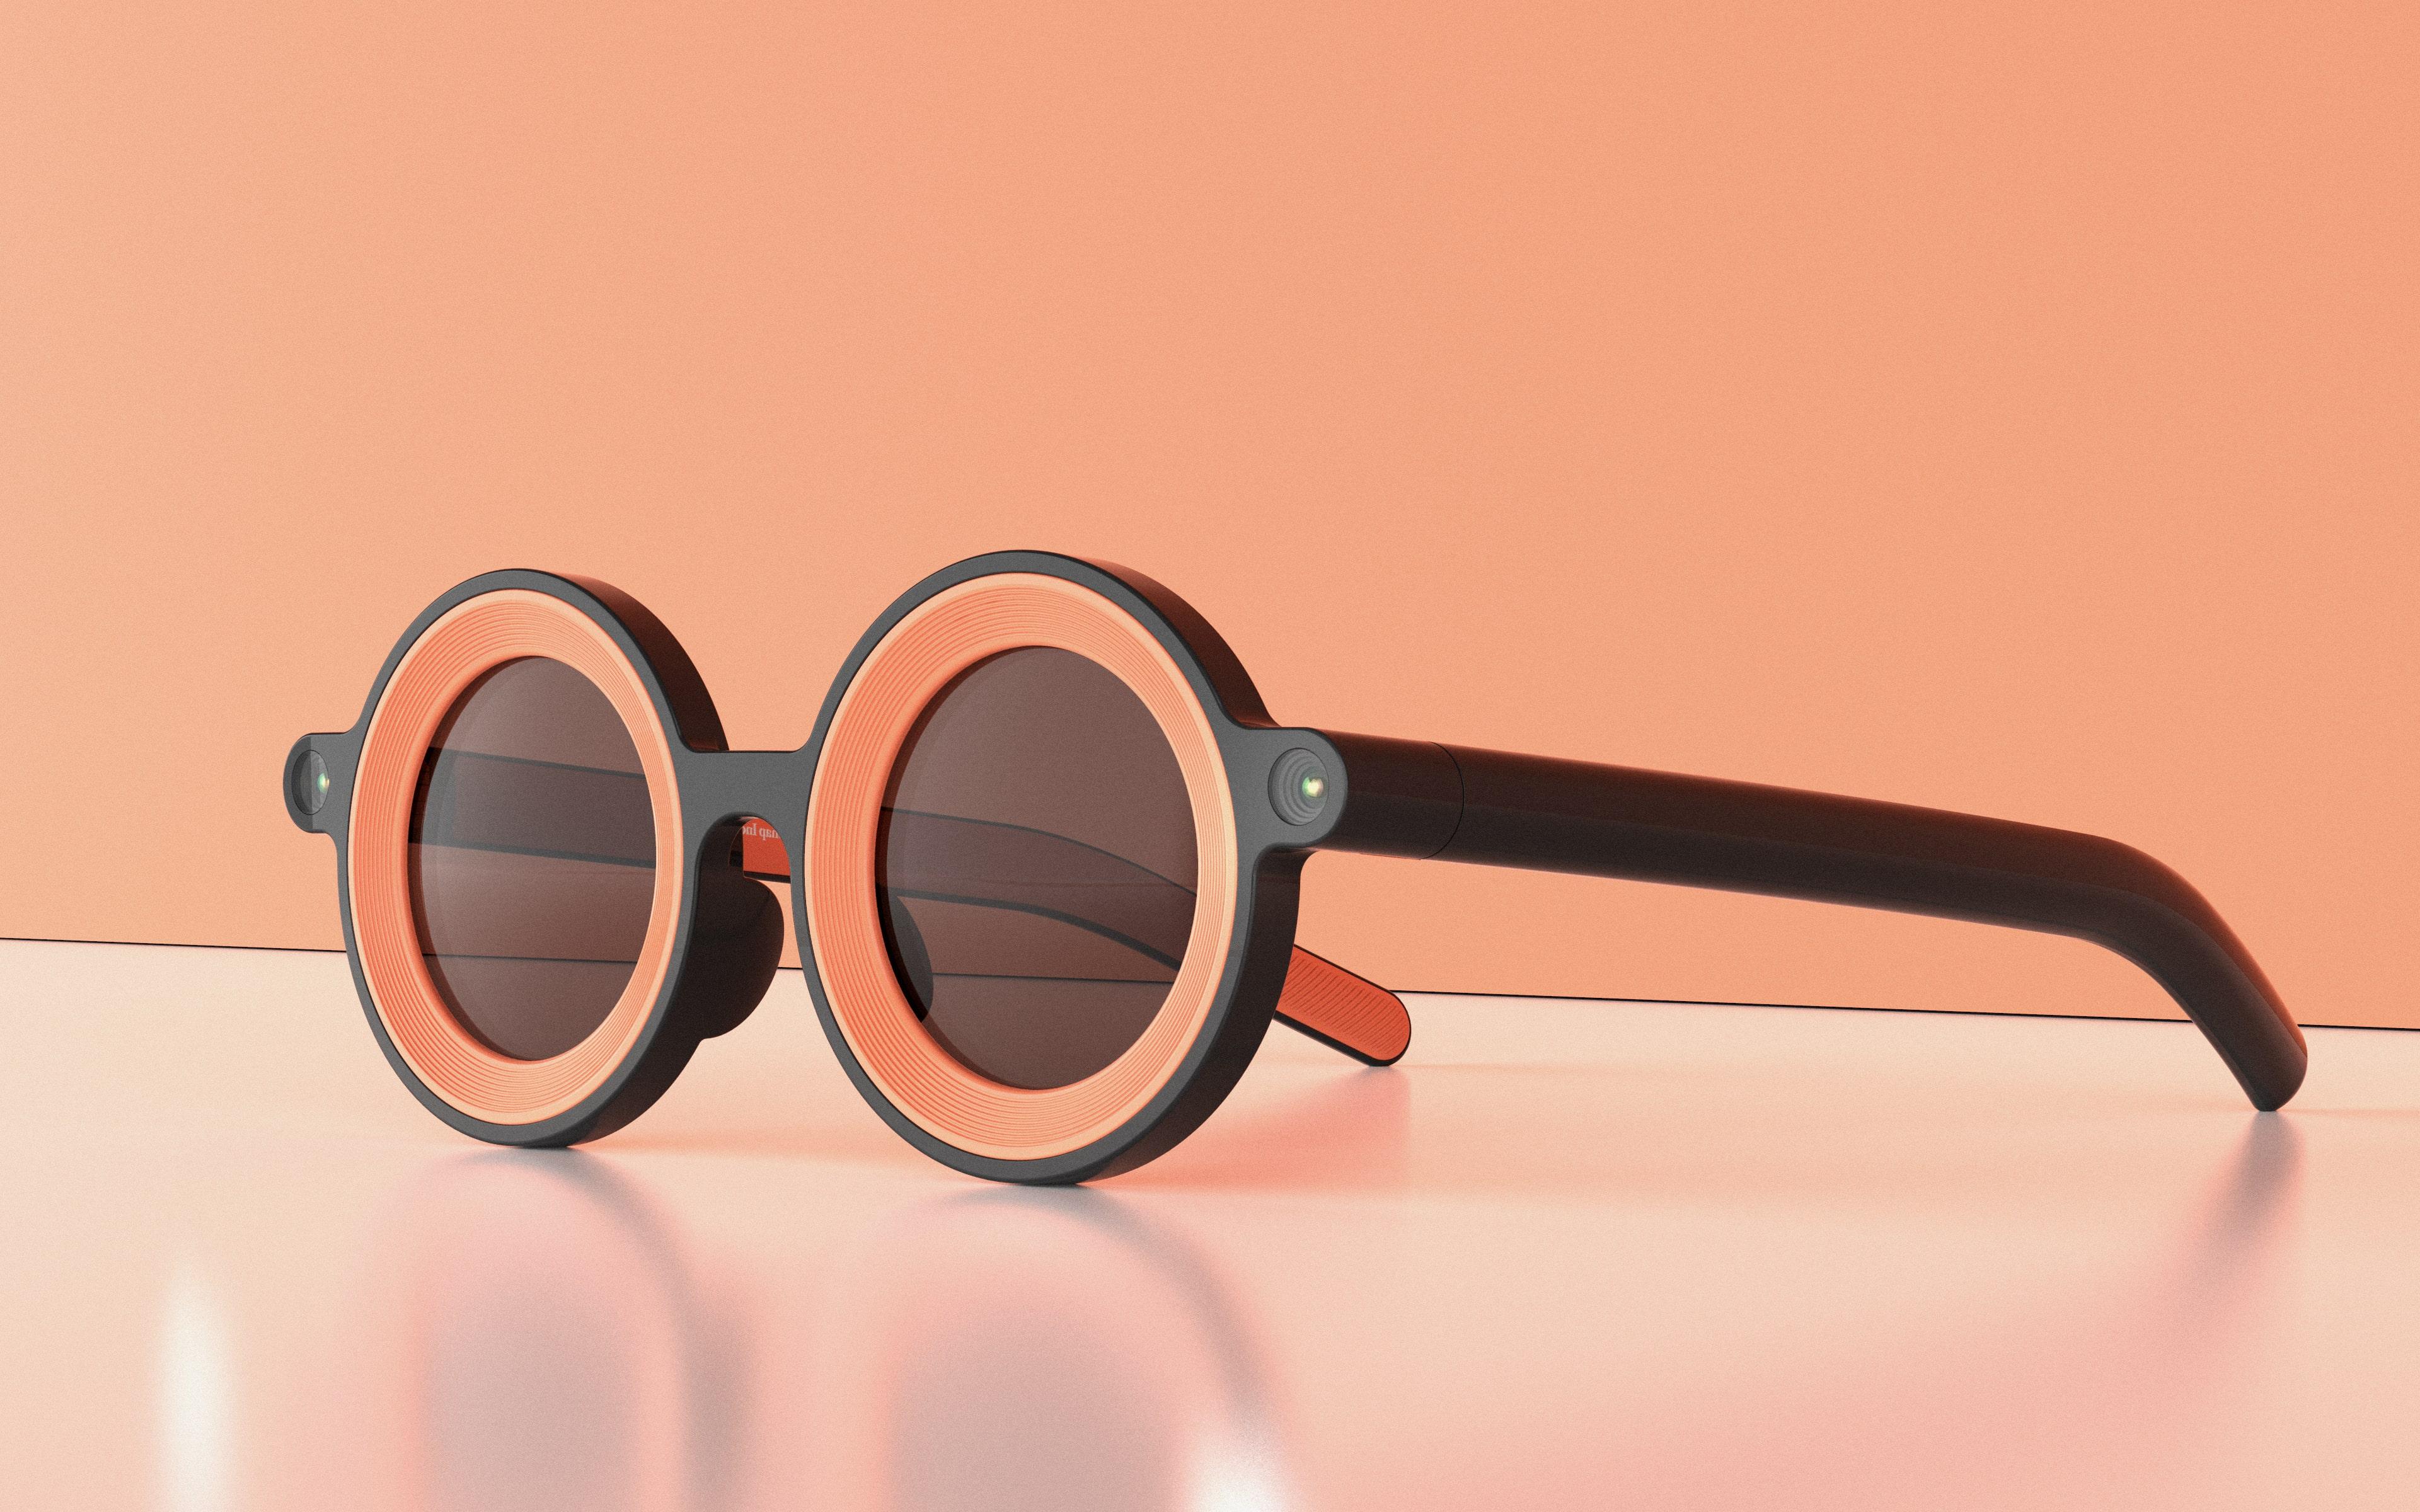 Snapchat-Glasses-25-min